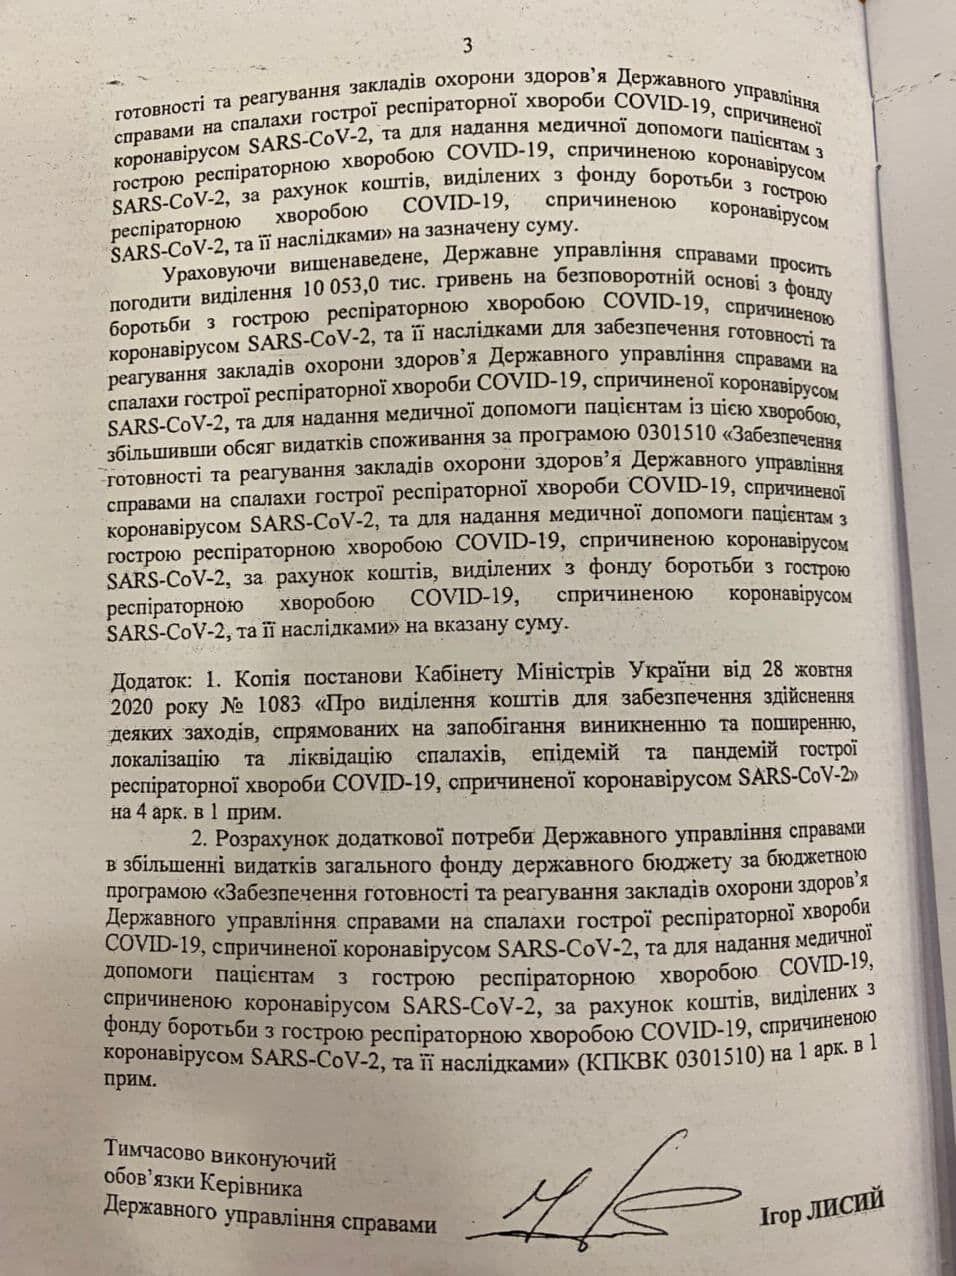 Госуправделами запросило дополнительные 10 млн грн.